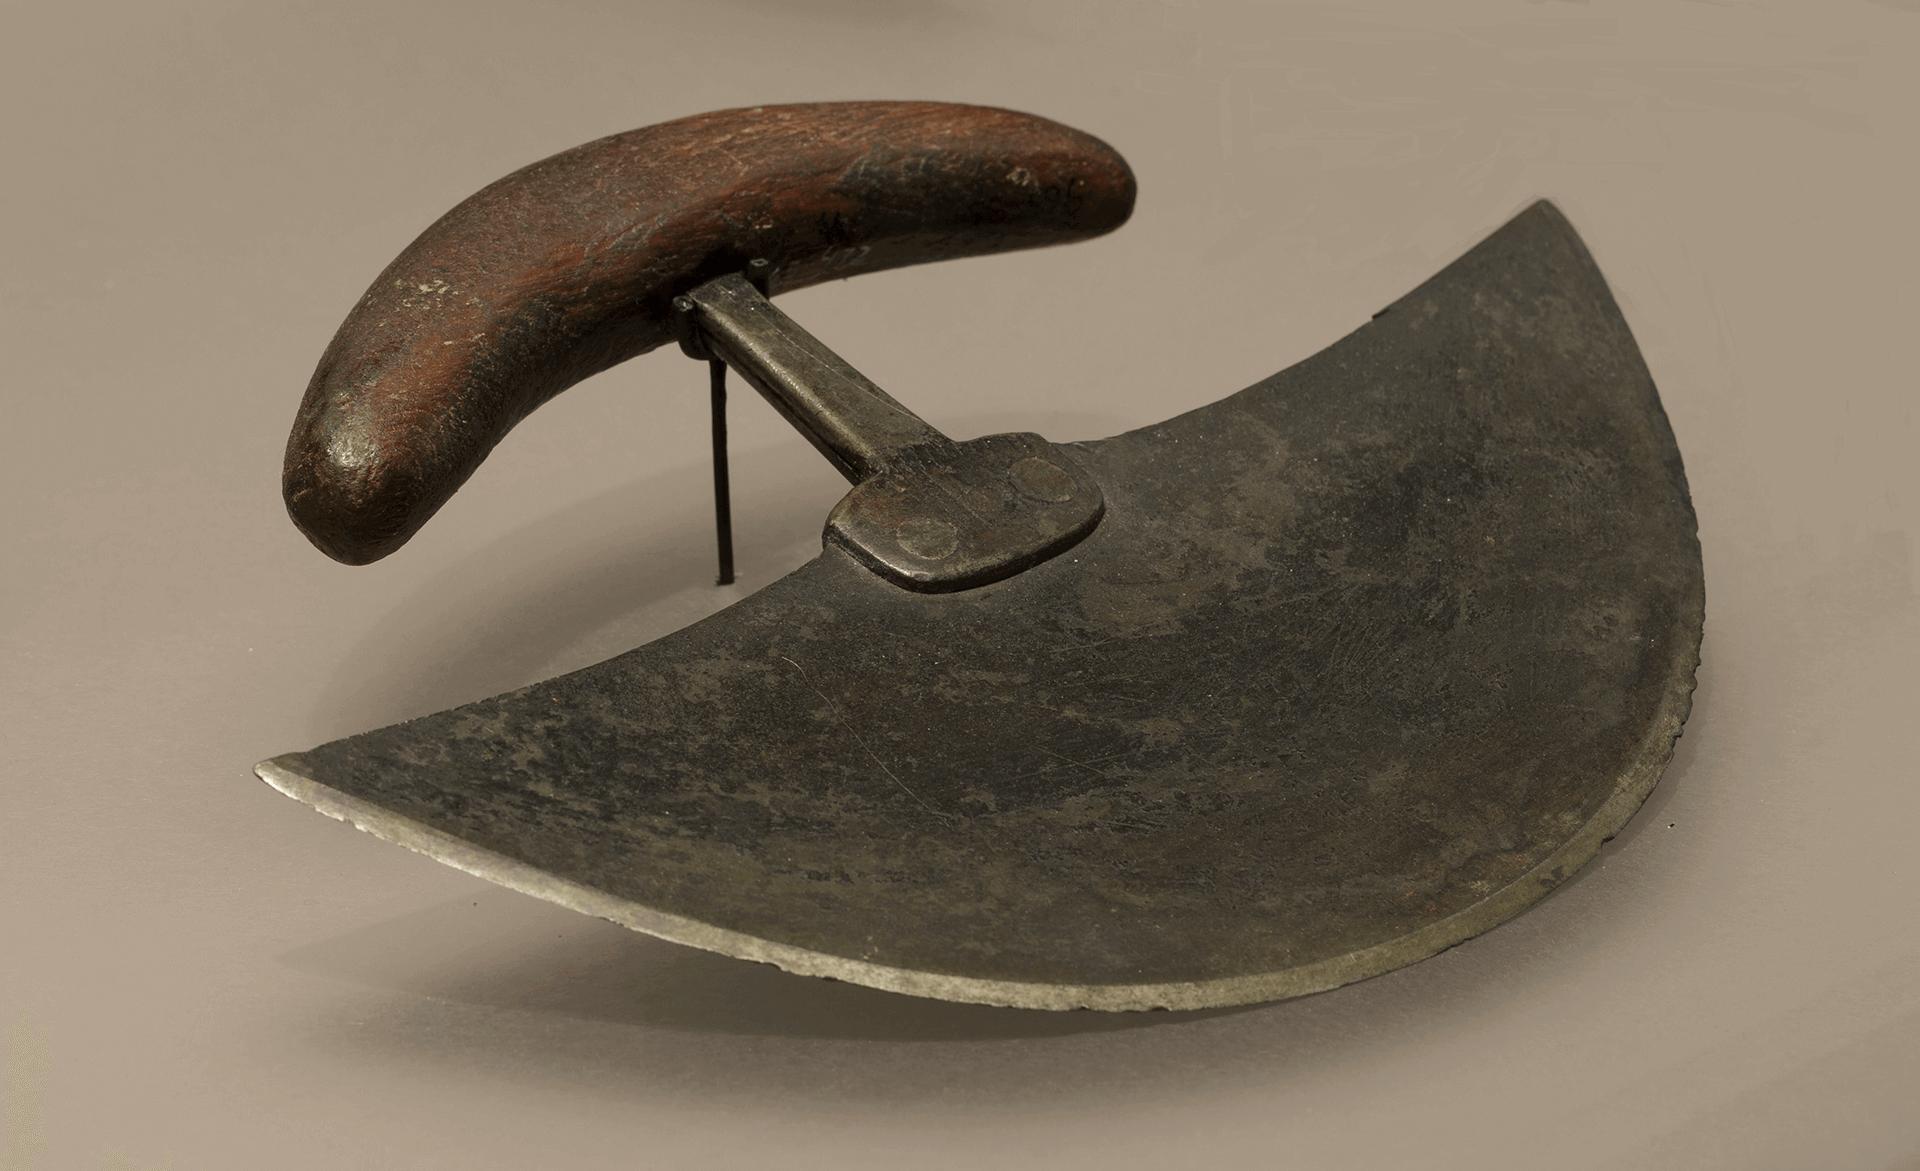 Image d'un ulu, couteau traditionnel utilisé par les femmes inuites